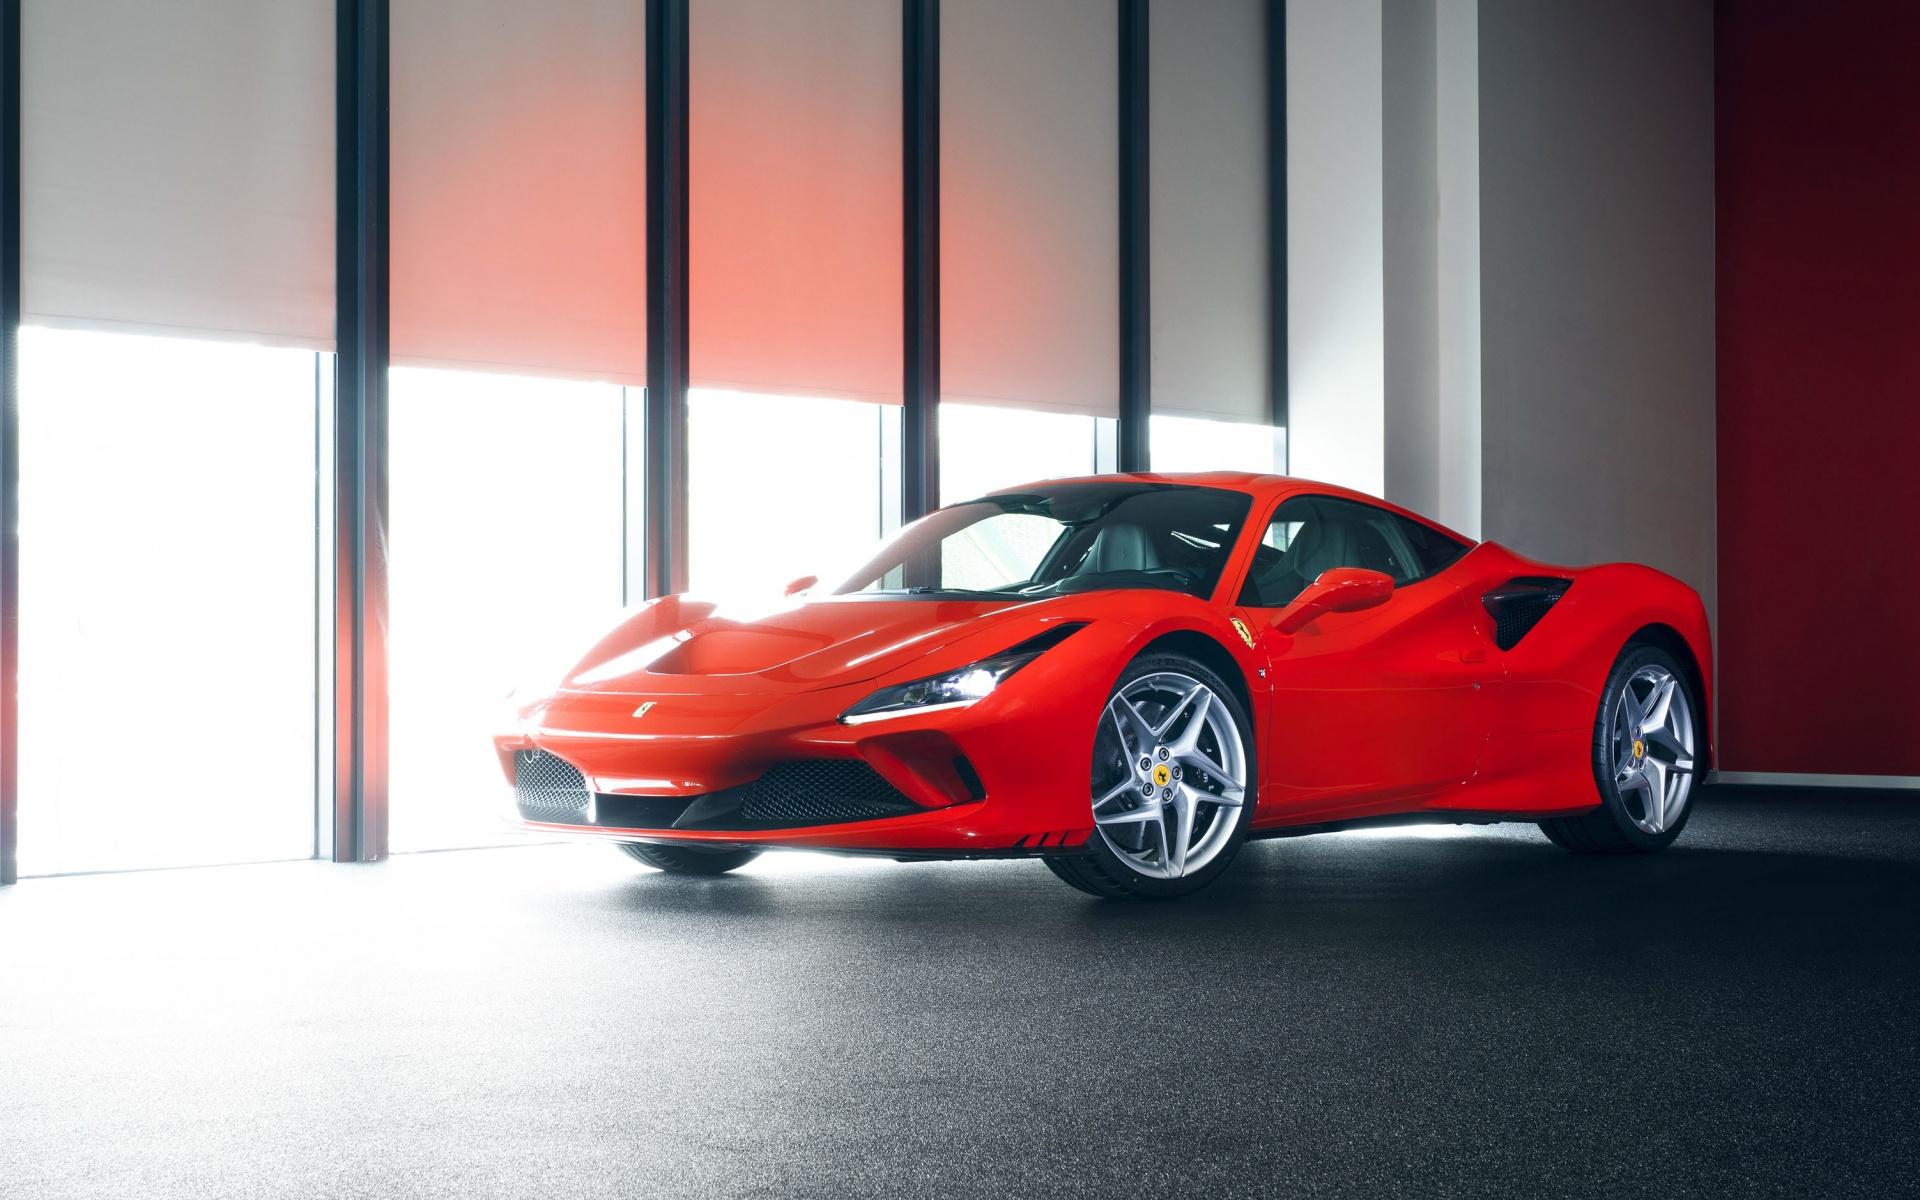 Ferrari F8 Tributo 4k Wallpaper Sports Cars Red Cars Cars 3465